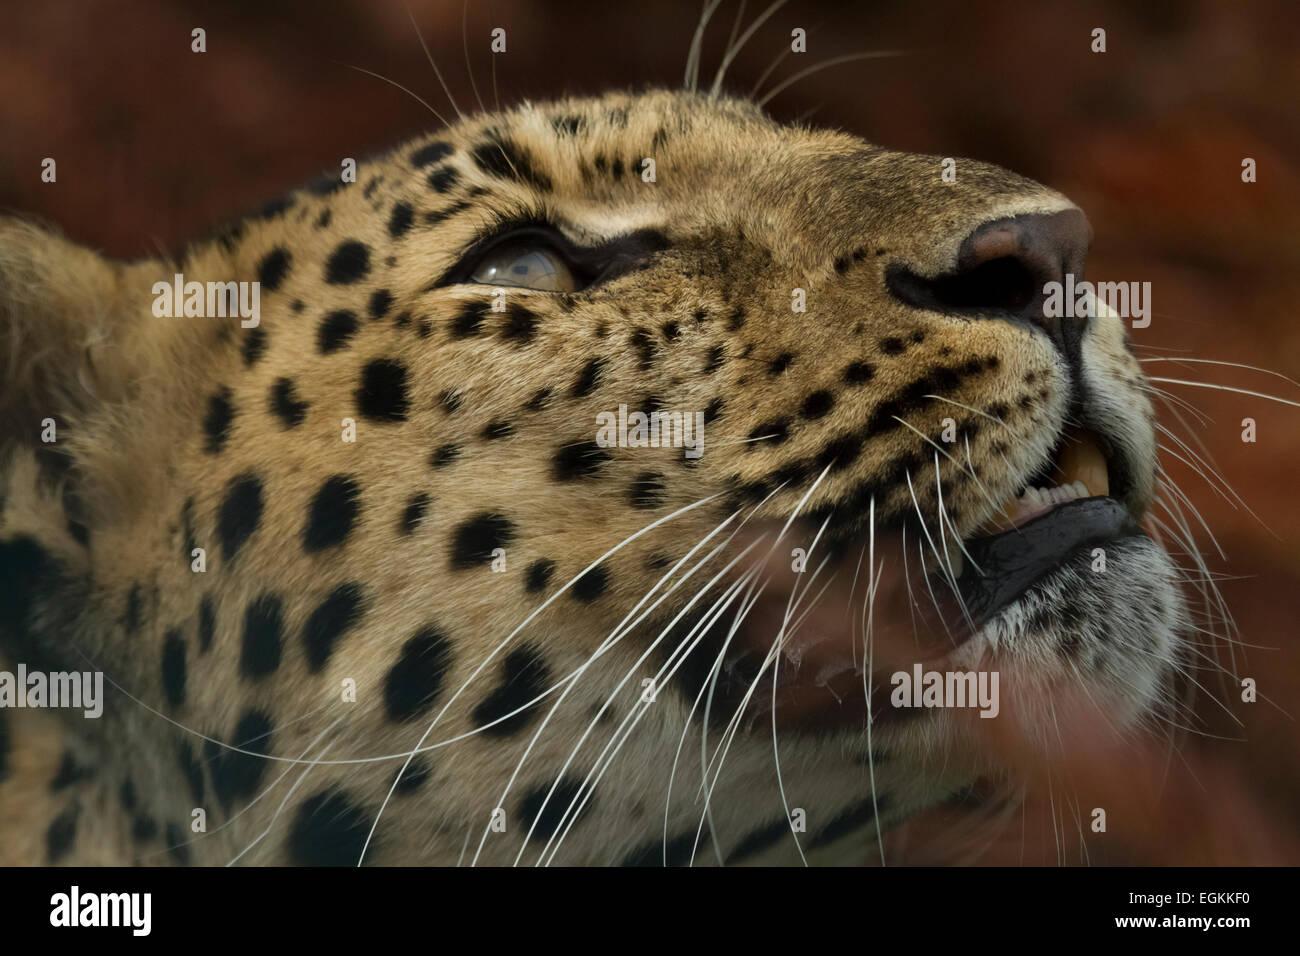 Captive Amur leopard - Stock Image